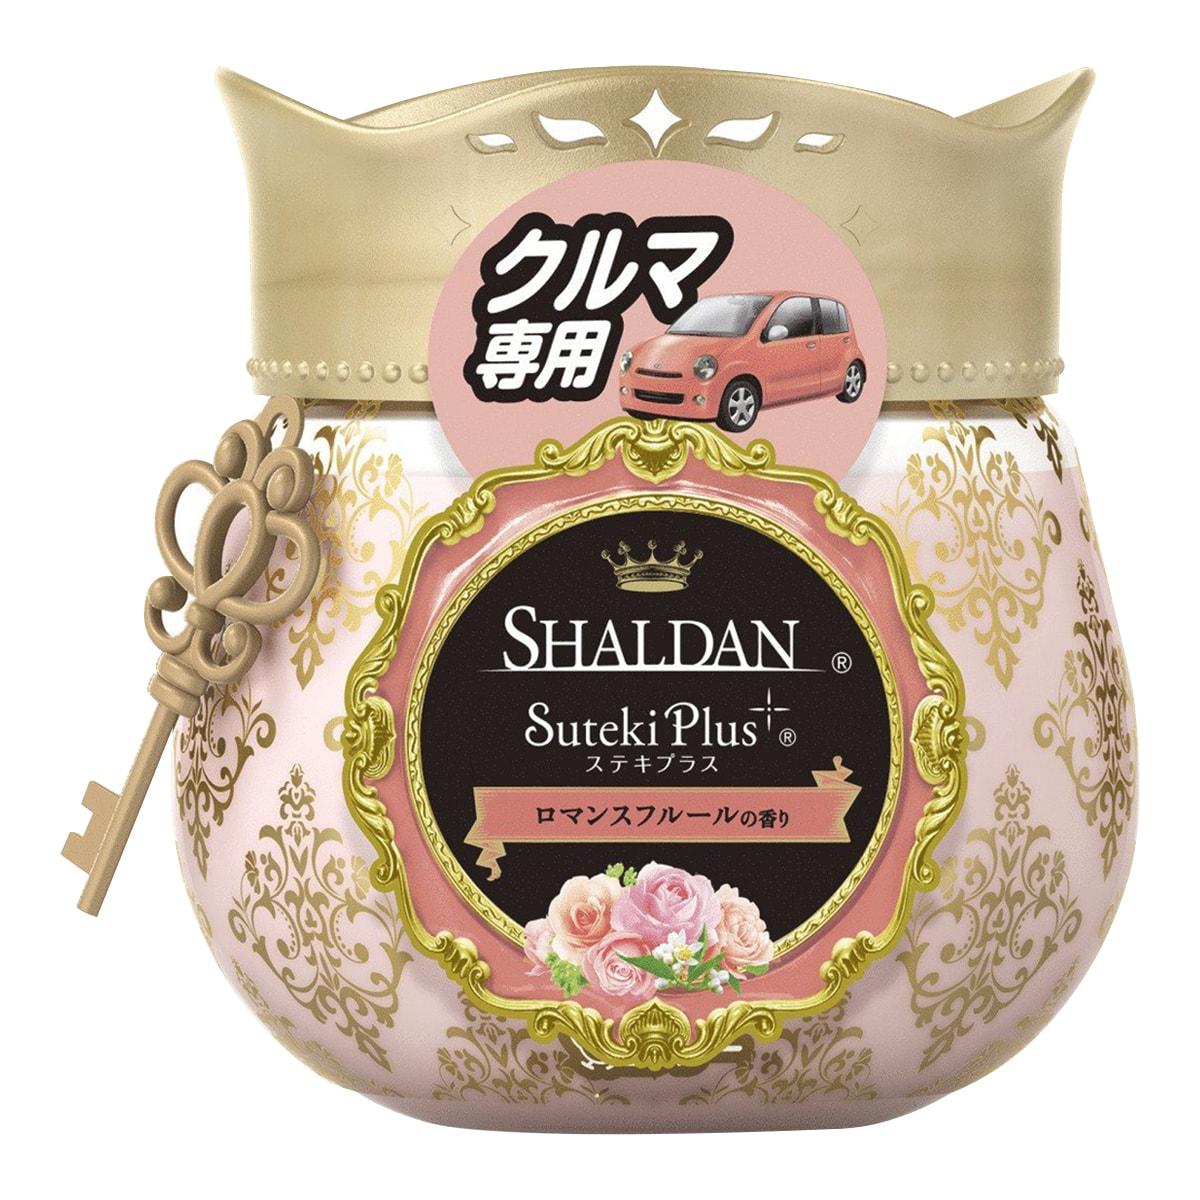 日本ST鸡仔牌 SHALDAN 车用梦幻香水果冻芳香剂 #浪漫花香 90g